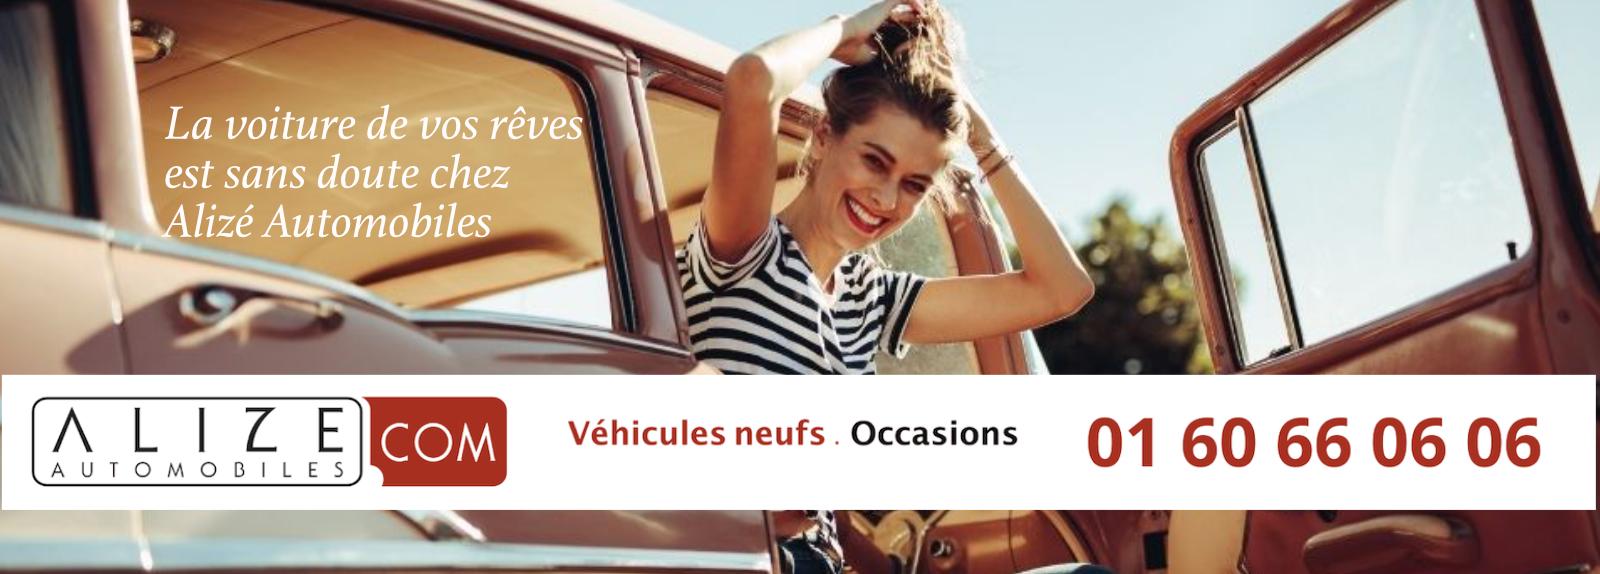 La voiture de vos rêves est chez Alizé Automobiles